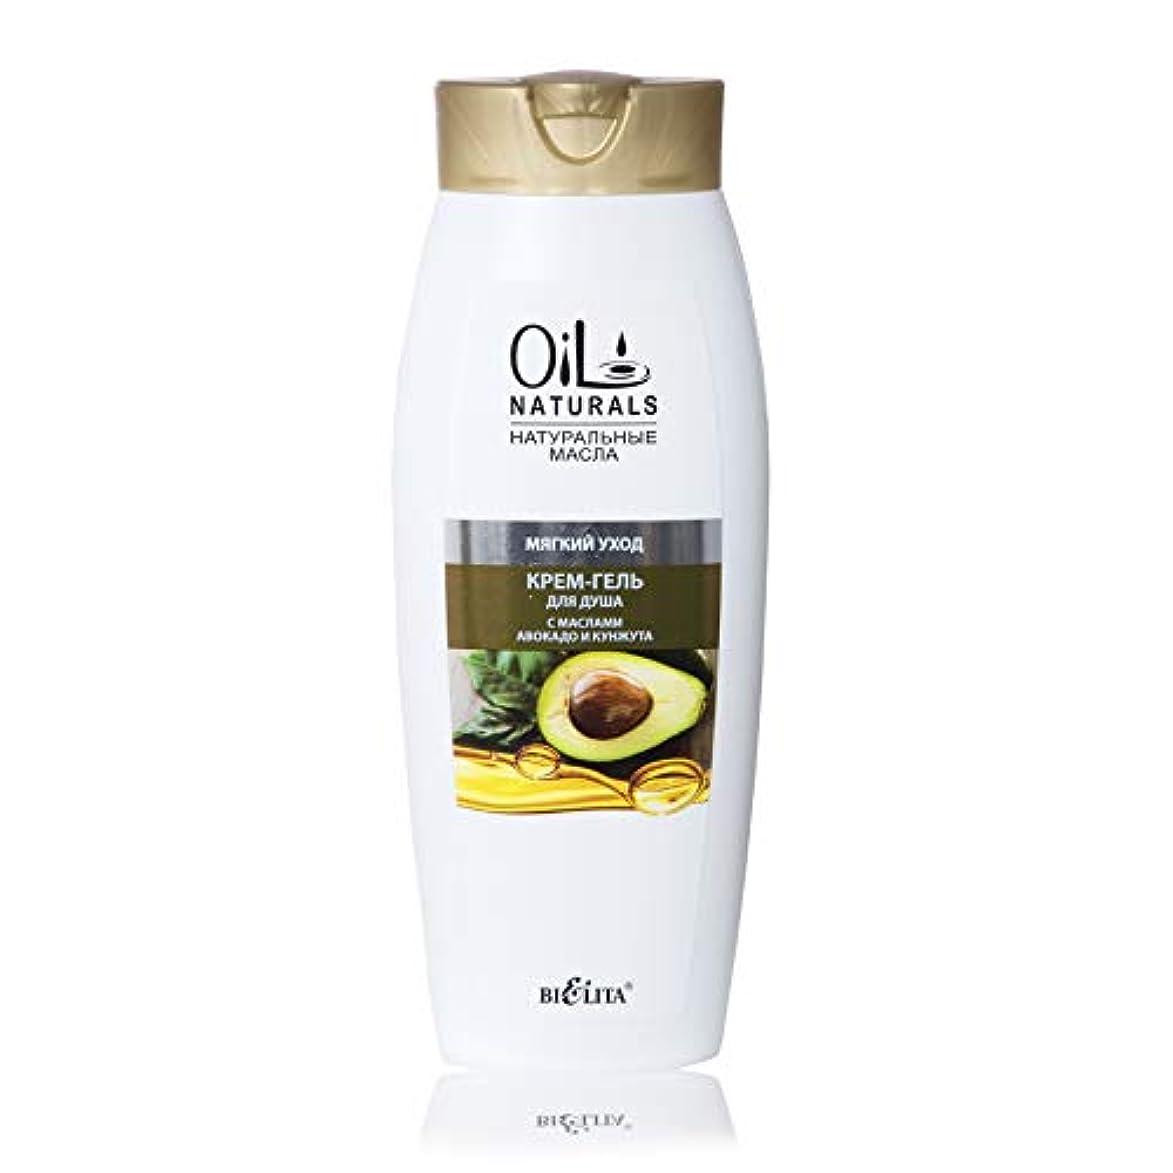 酸っぱい不健全郵便屋さんBielita & Vitex Oil Naturals Line | Soft Care Creamy Shower Gel, 430 ml | Avocado Oil, Silk Proteins, Sesame Oil...